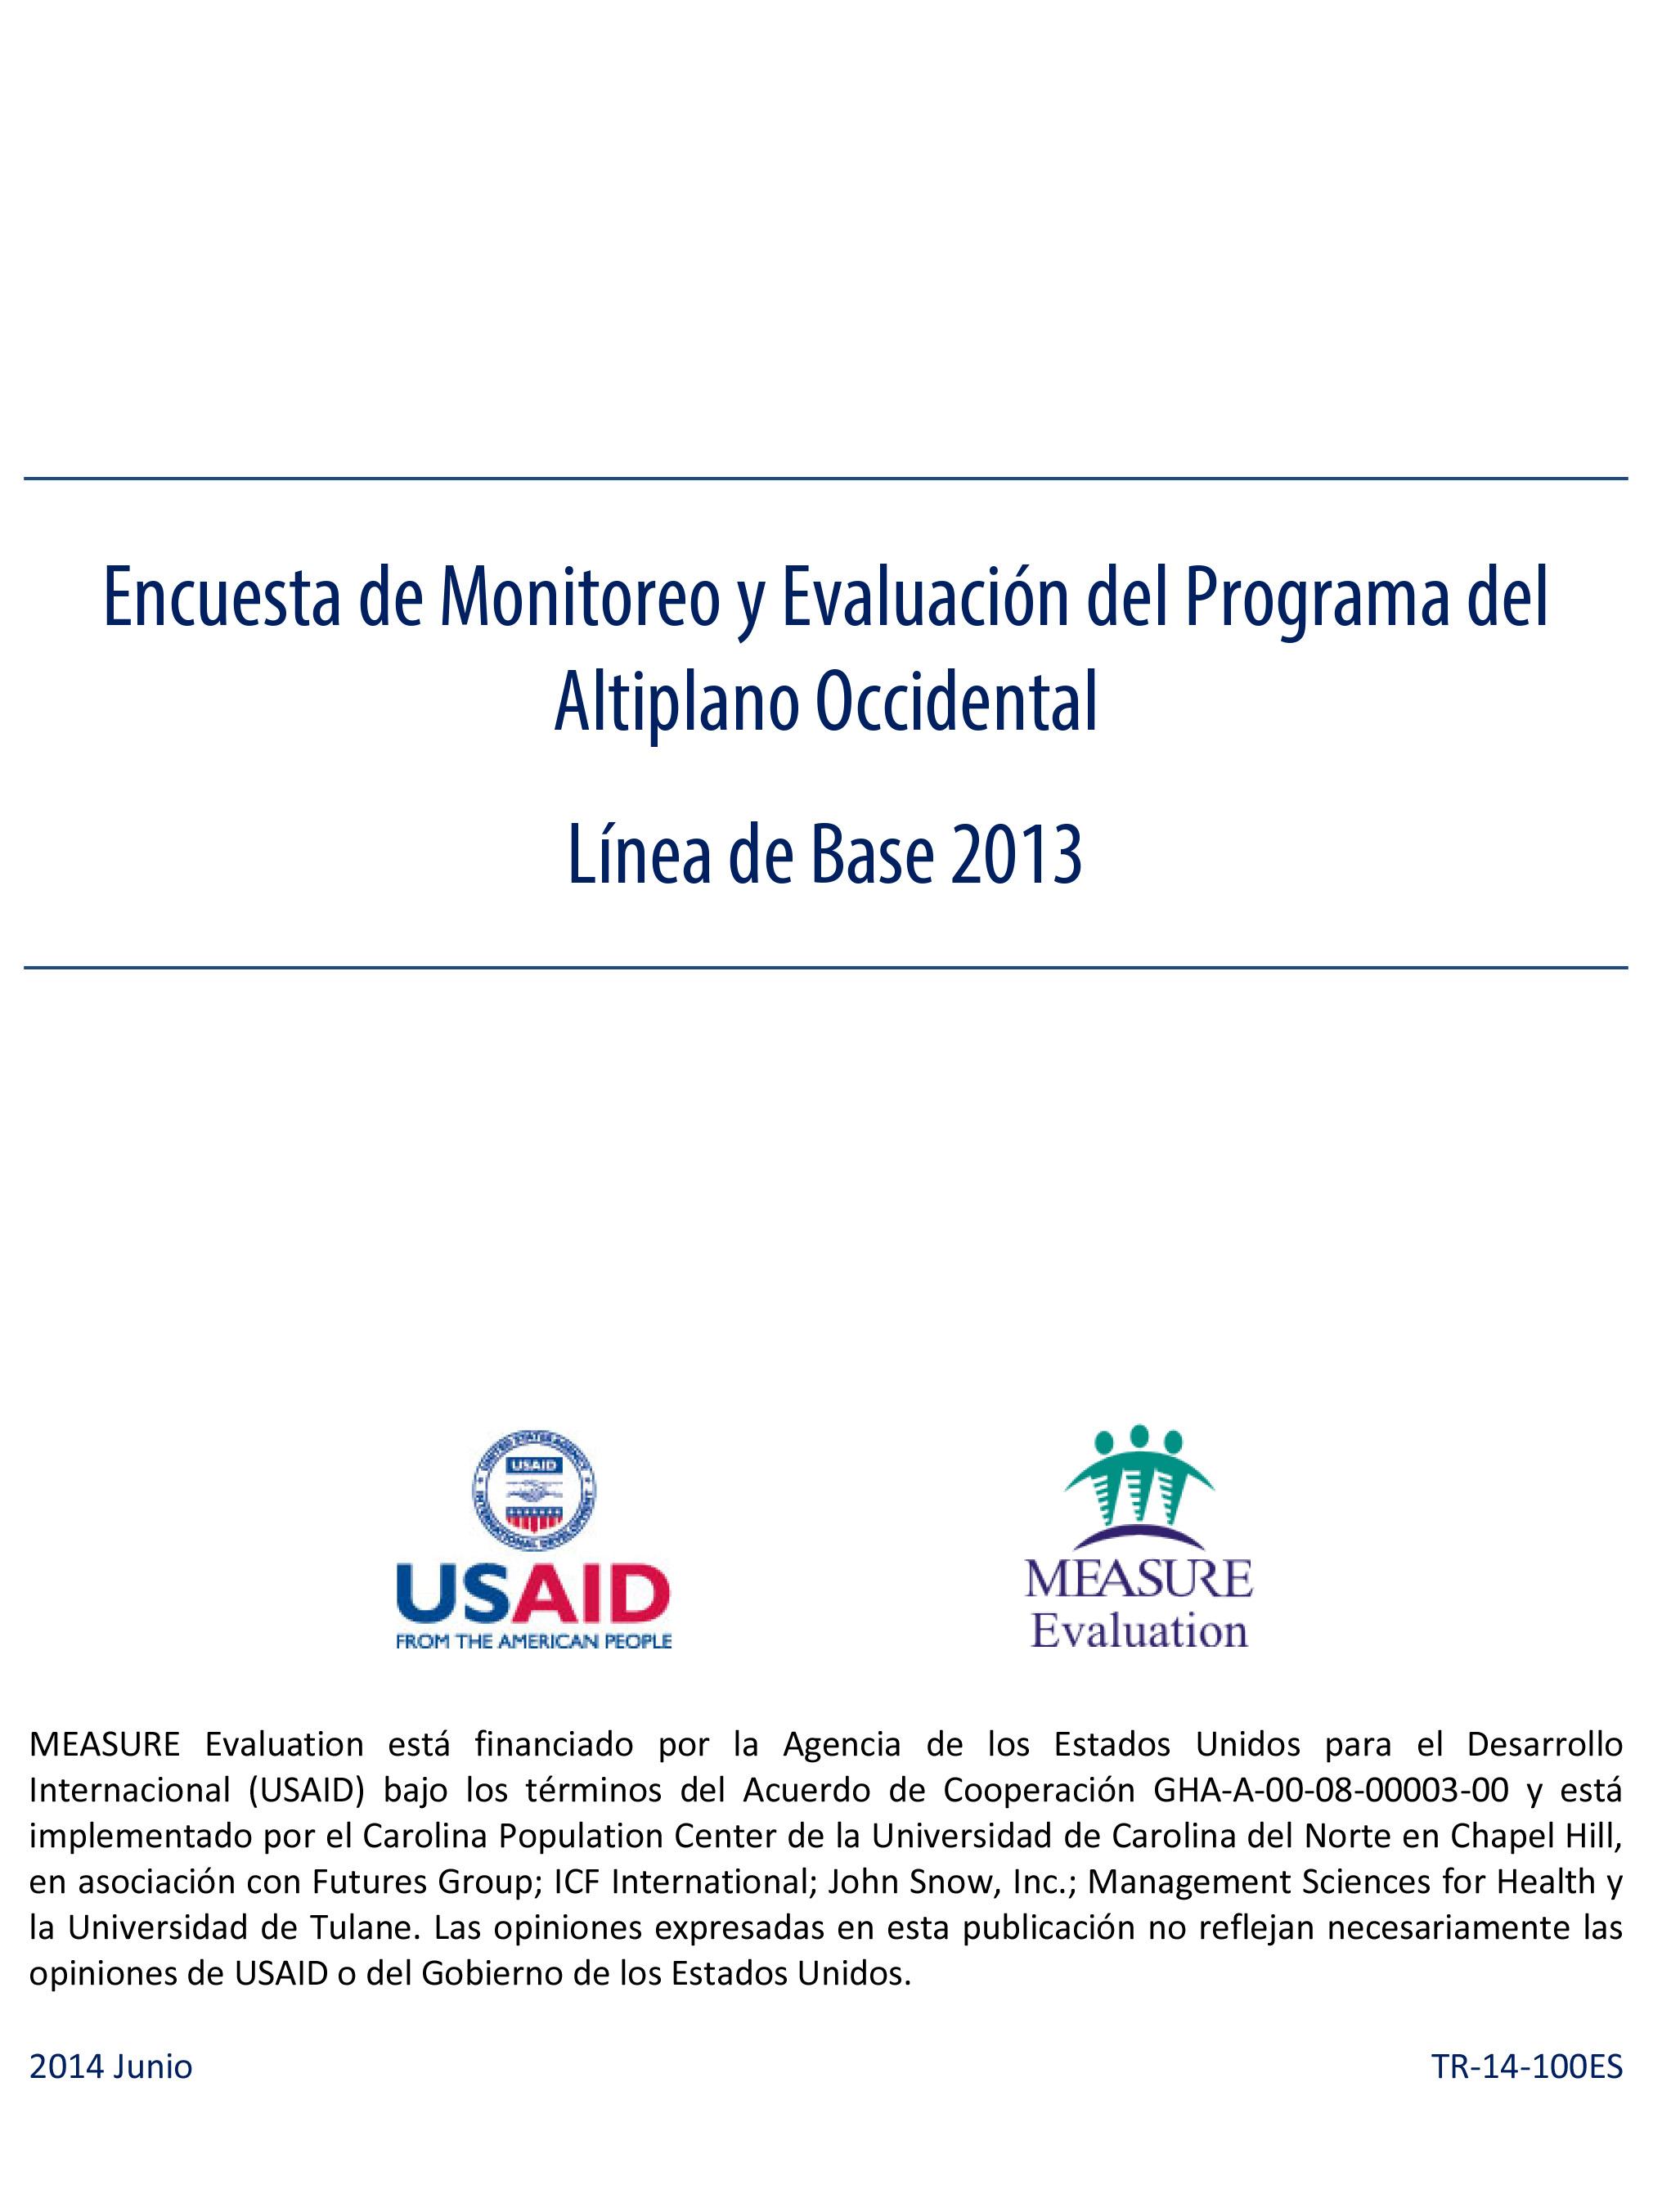 Encuesta de Monitoreo y Evaluacin del Programa del Altiplano Occidental